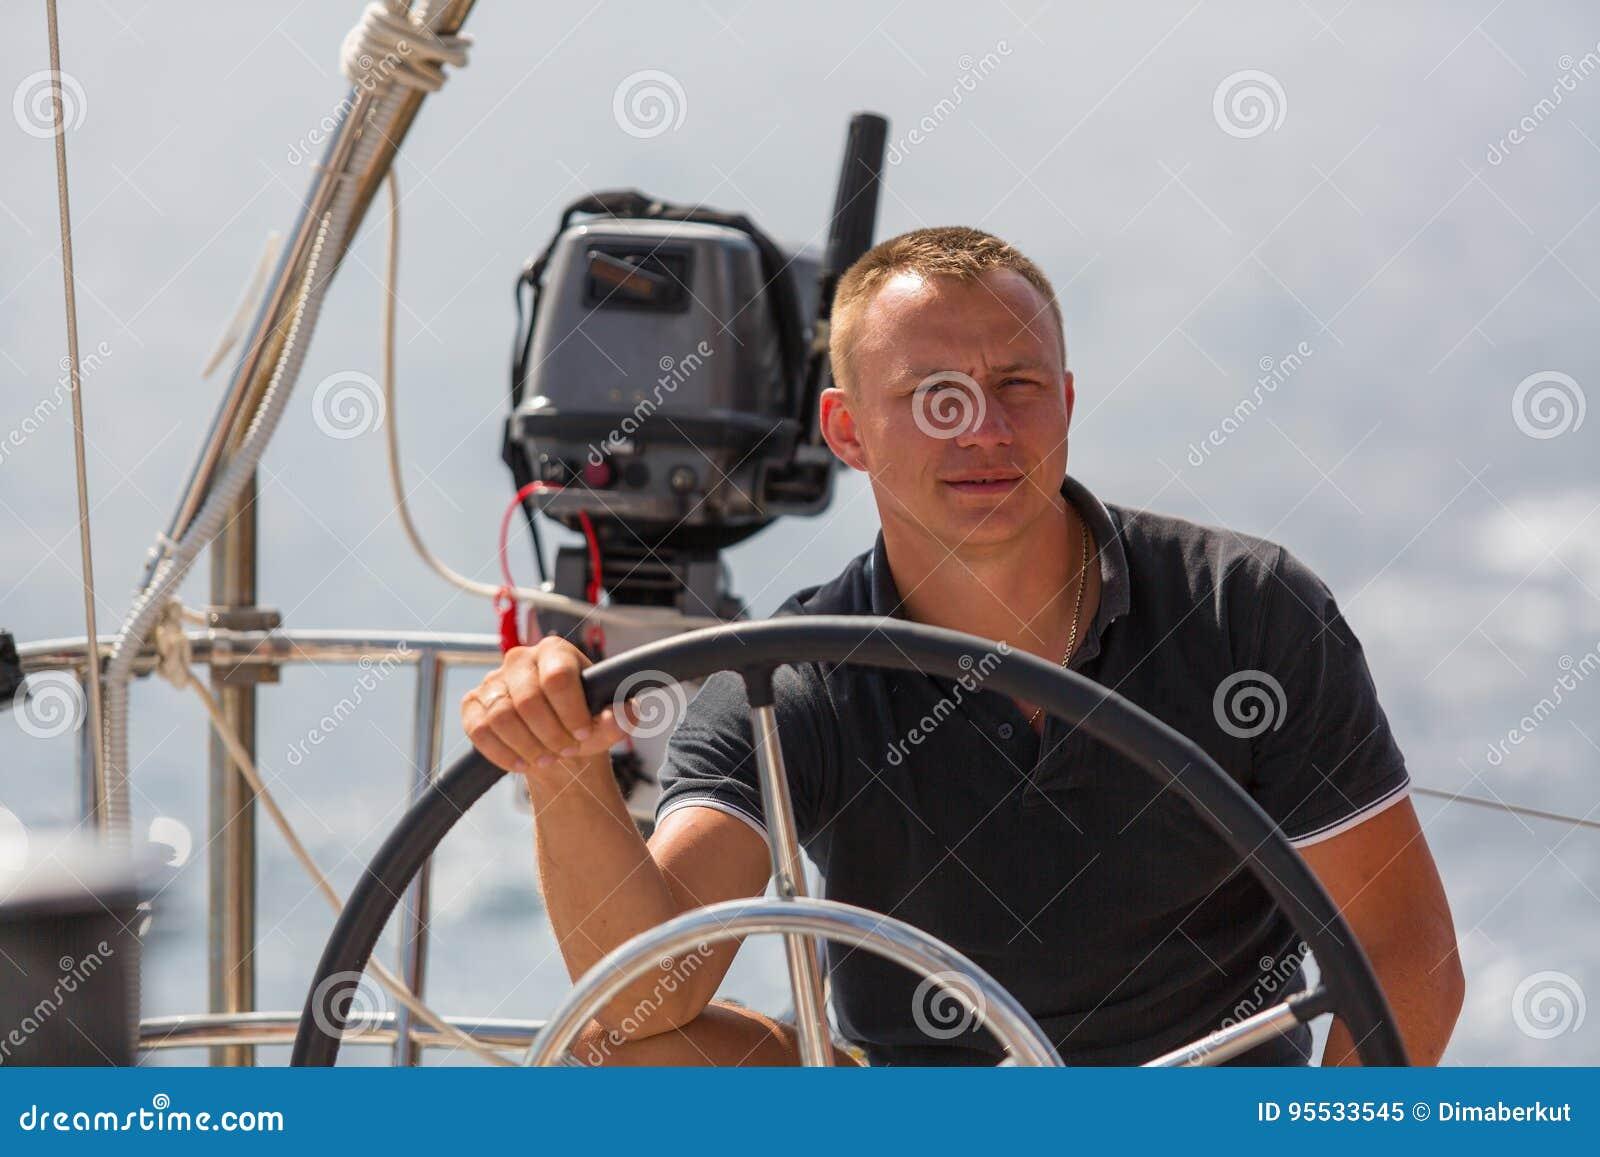 Een jonge kapitein bij het roer van een varend schip Sport